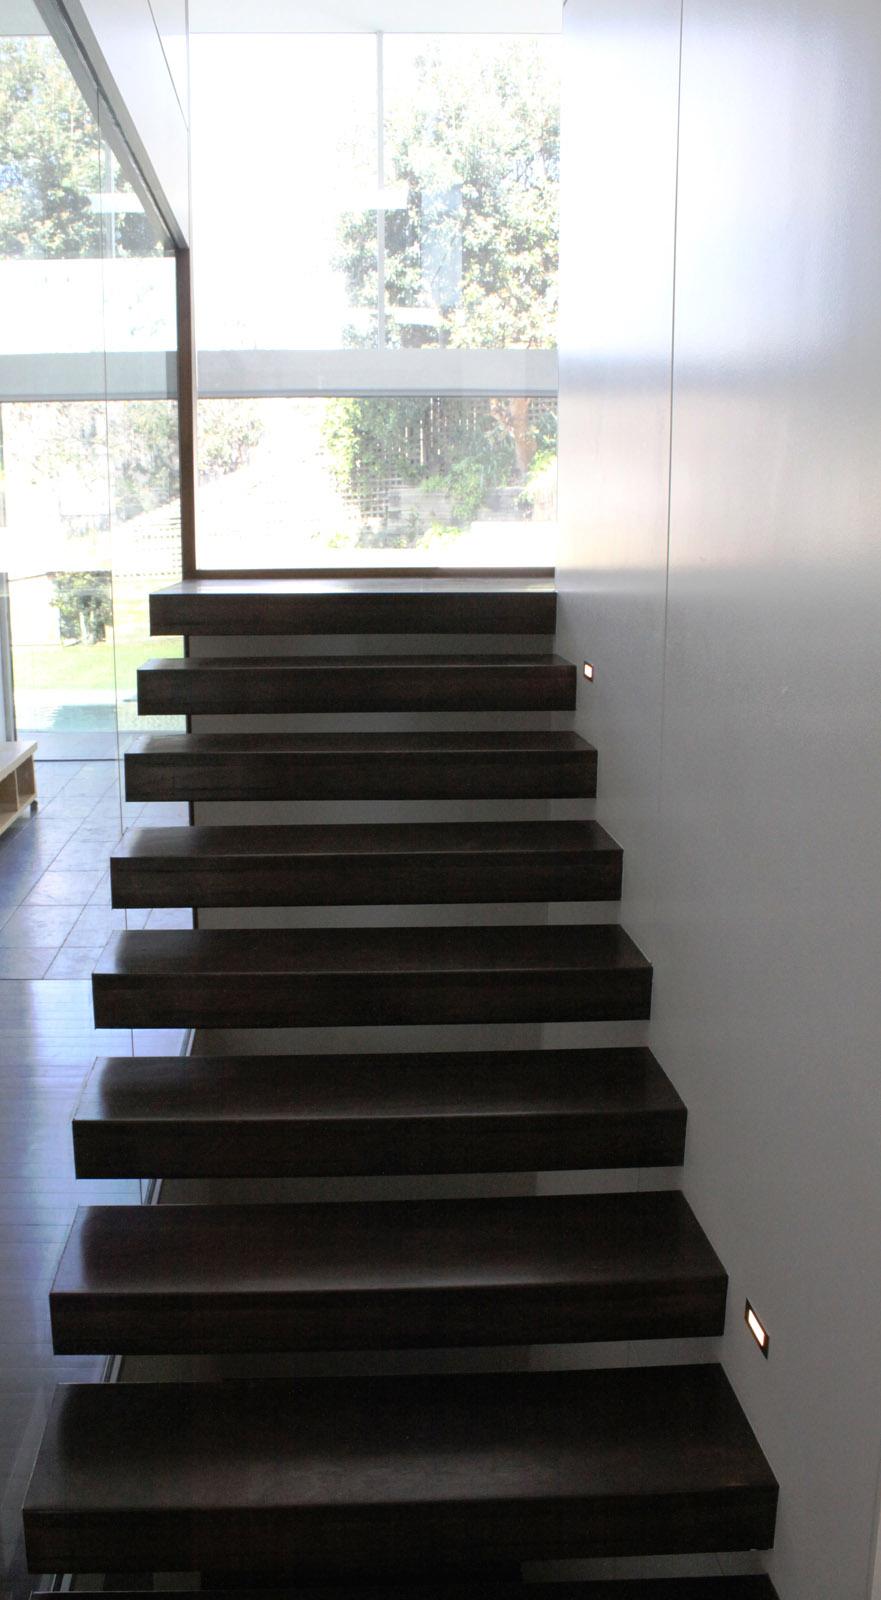 6 stair 3.jpg